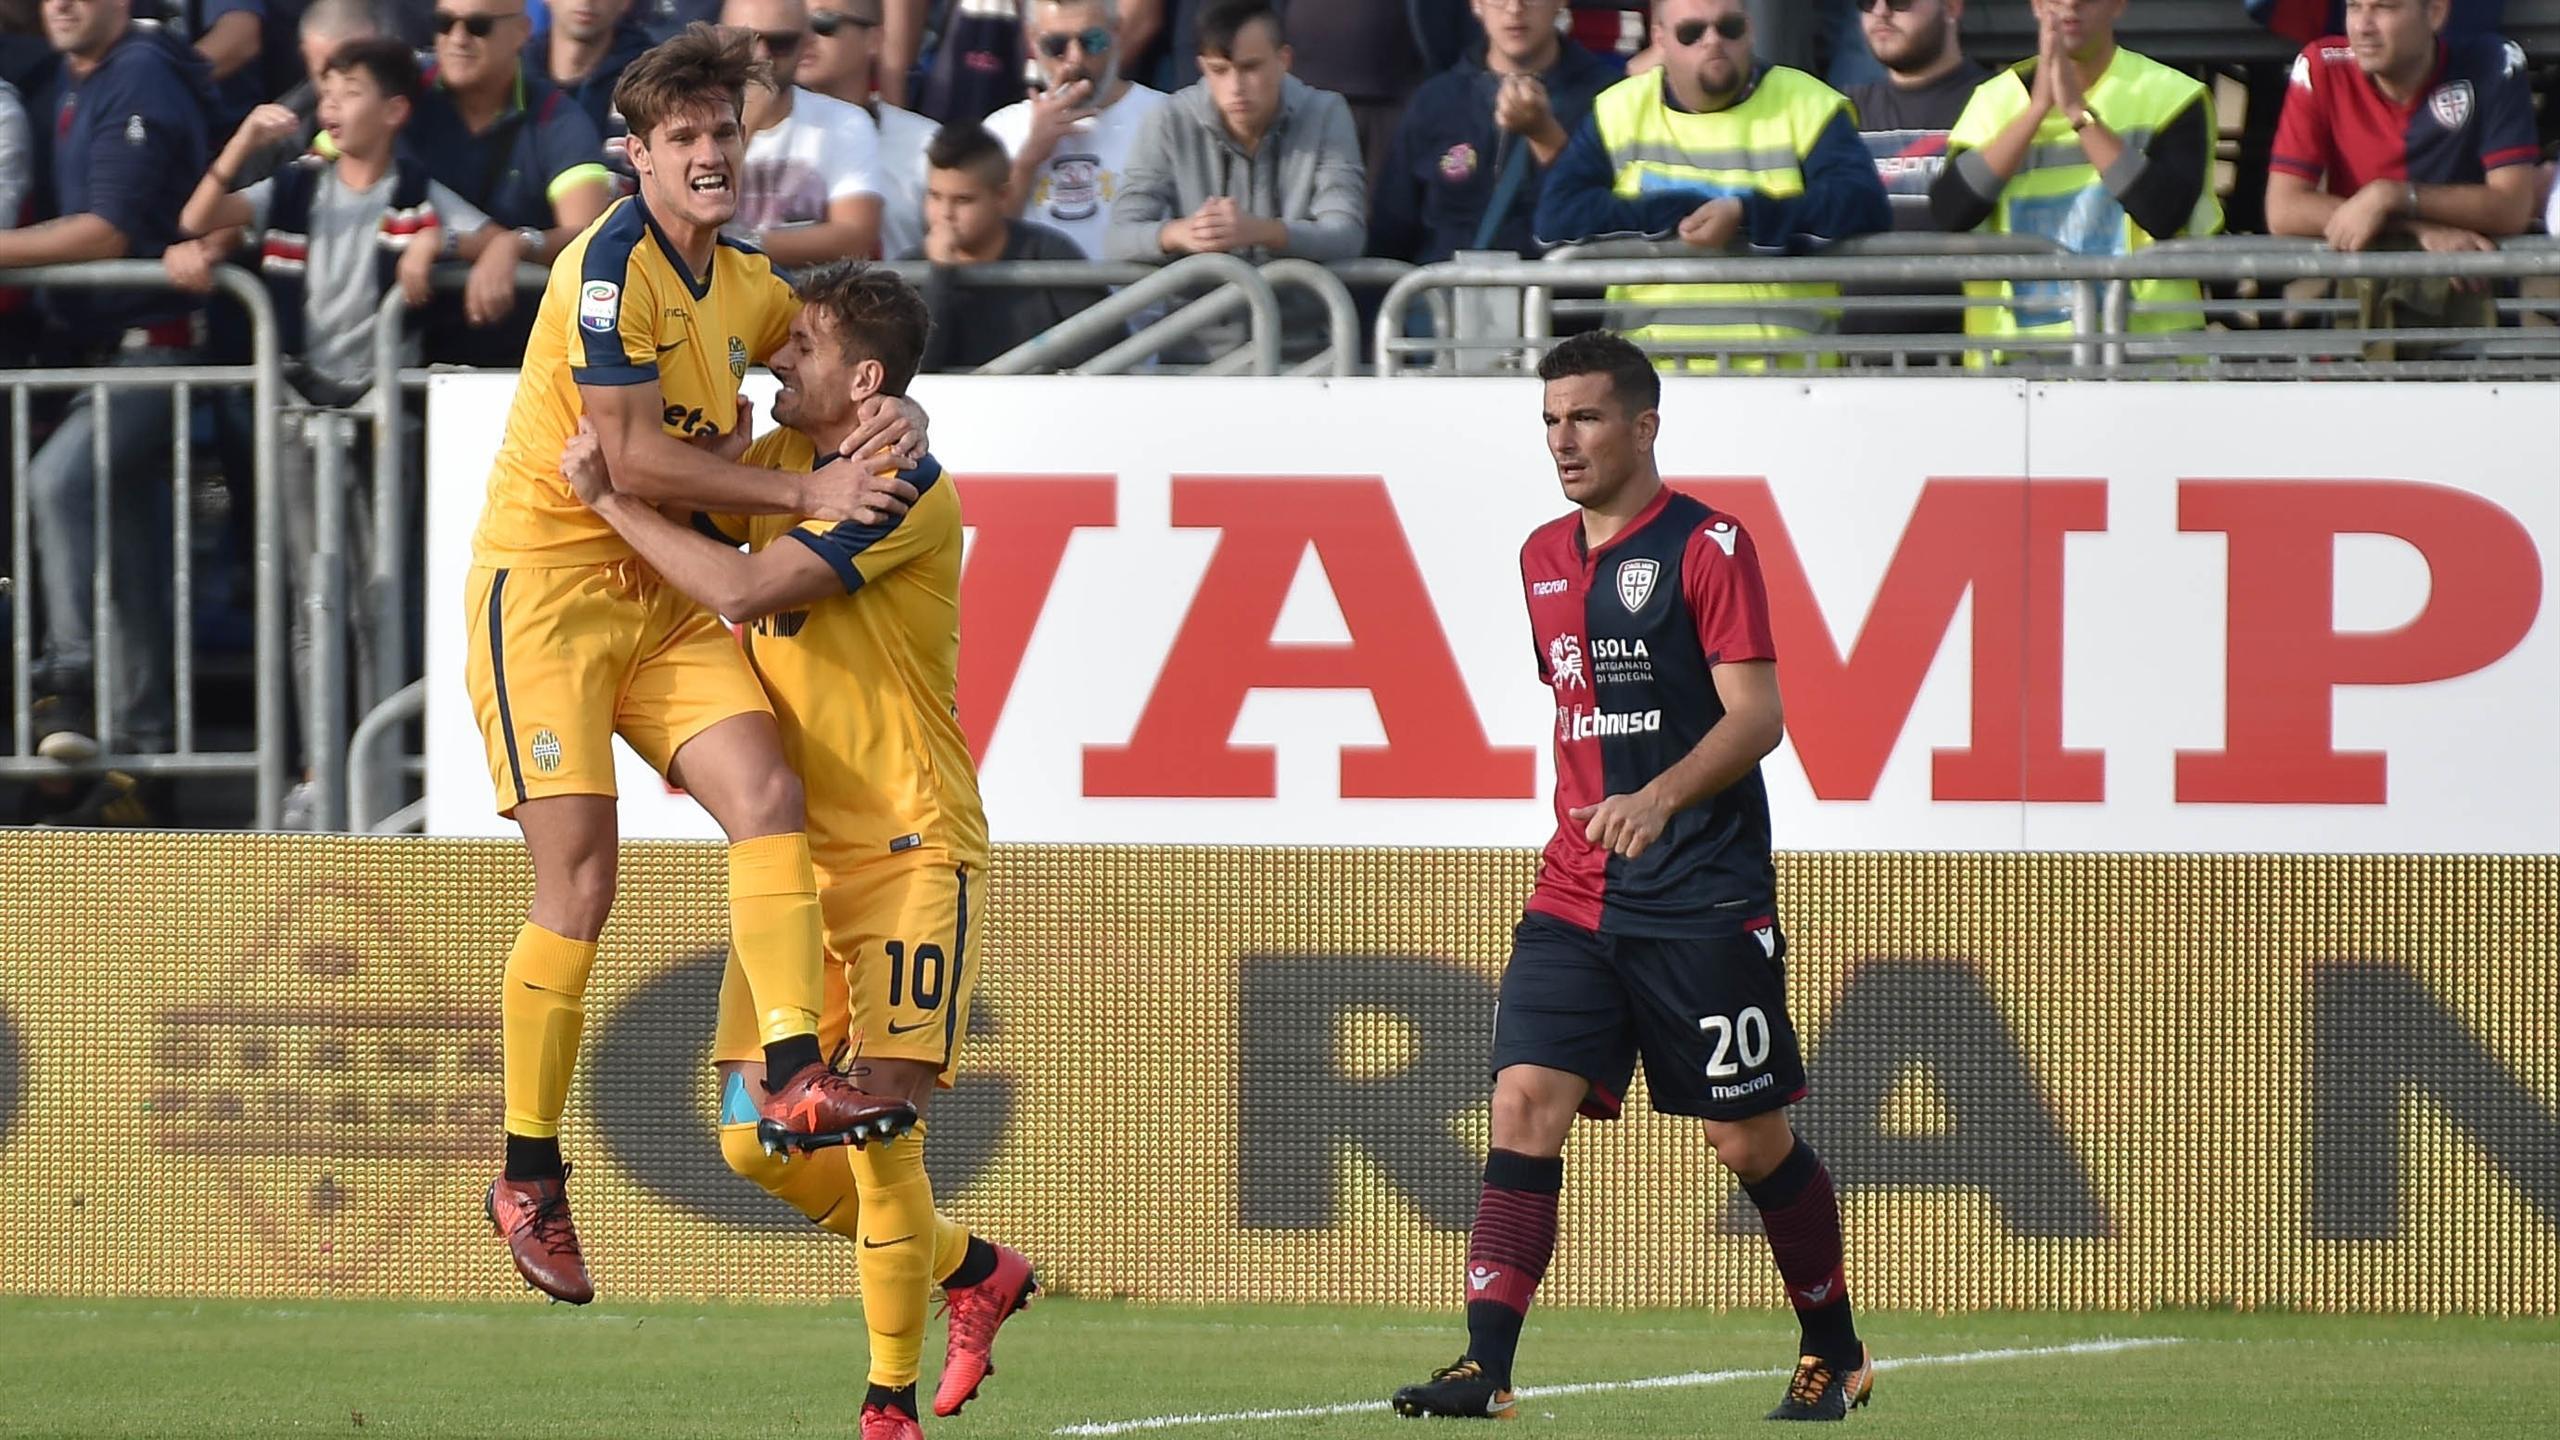 Le pagelle di Cagliari-Hellas Verona 2-1 - Serie A 2017 ...